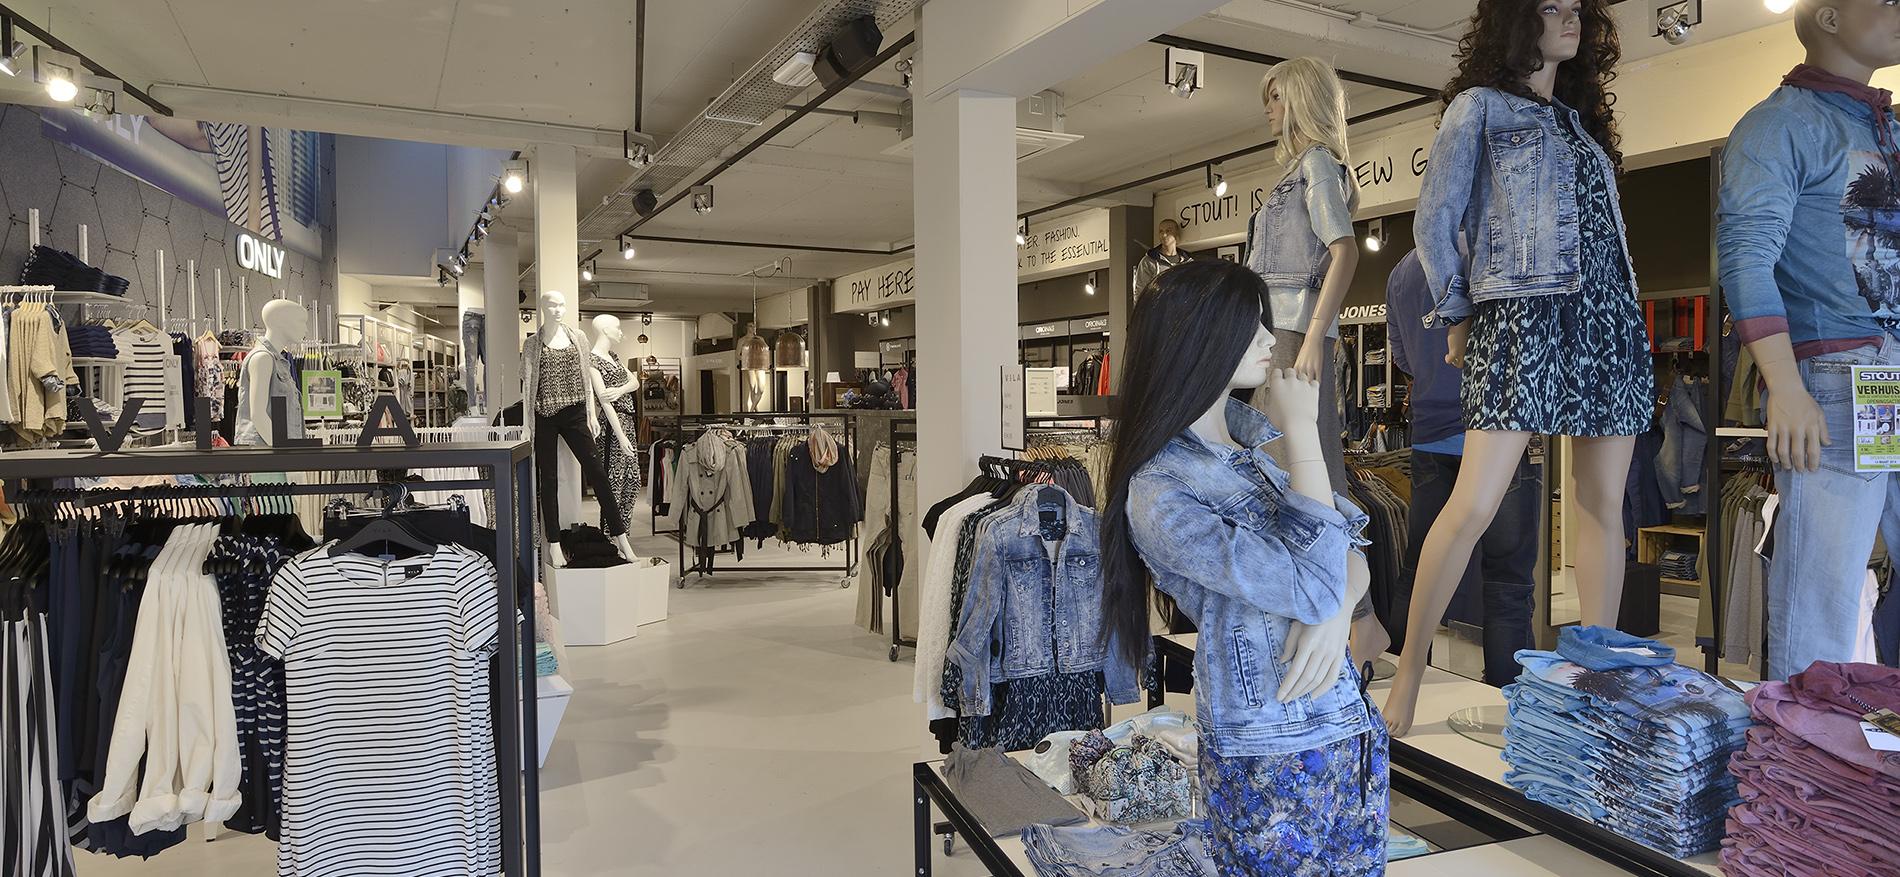 Stout! Jeans - Erfolgreiche Einrichtung Mode Konzept - Inspiration!